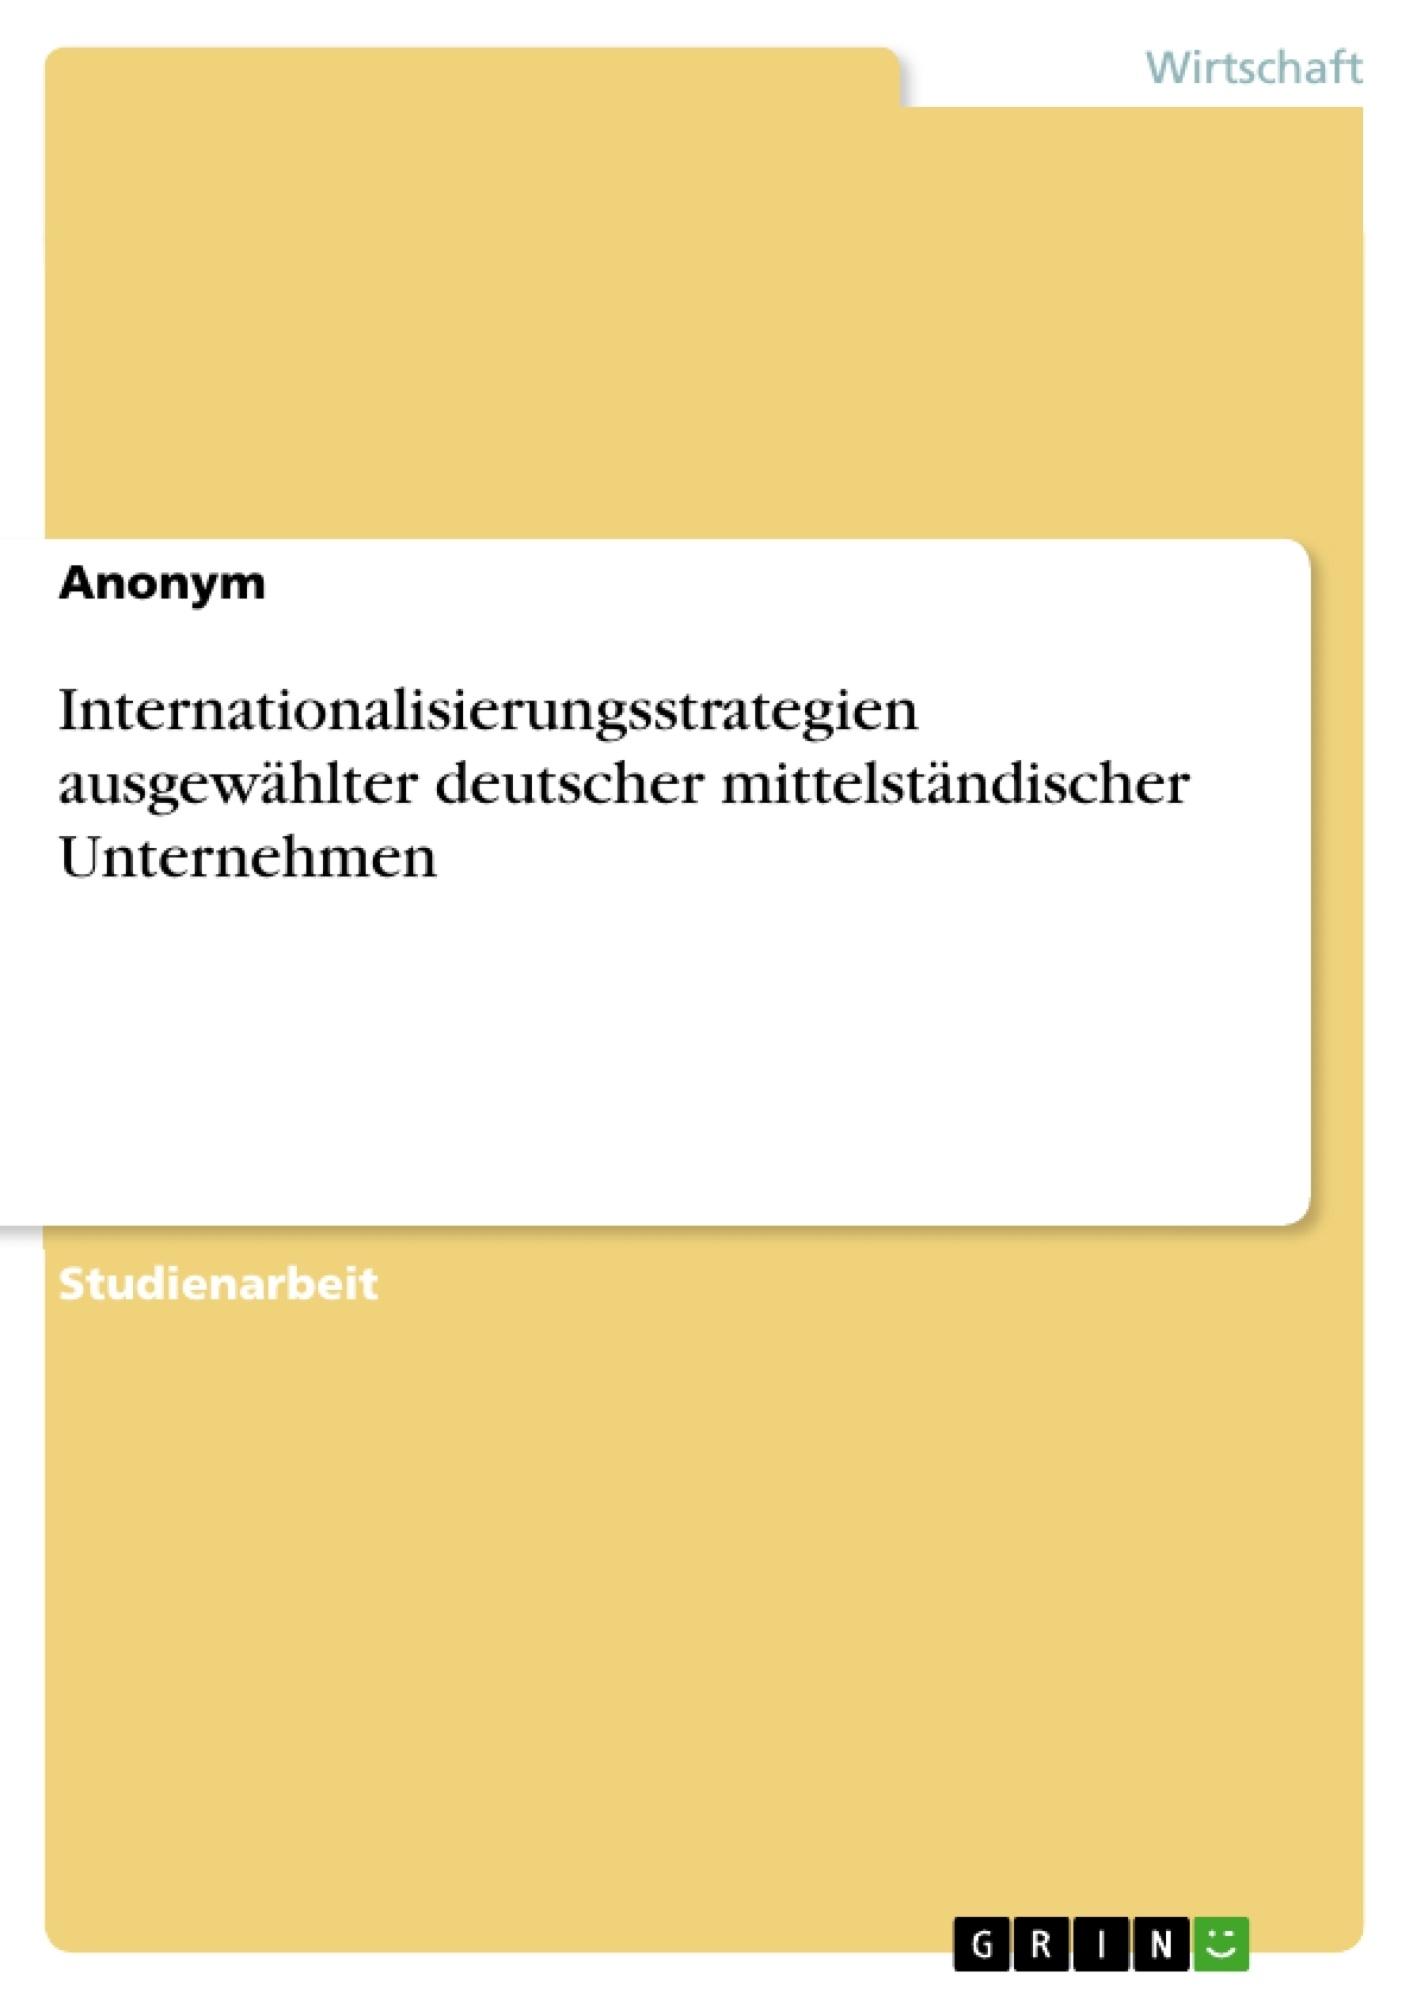 Titel: Internationalisierungsstrategien ausgewählter deutscher mittelständischer Unternehmen